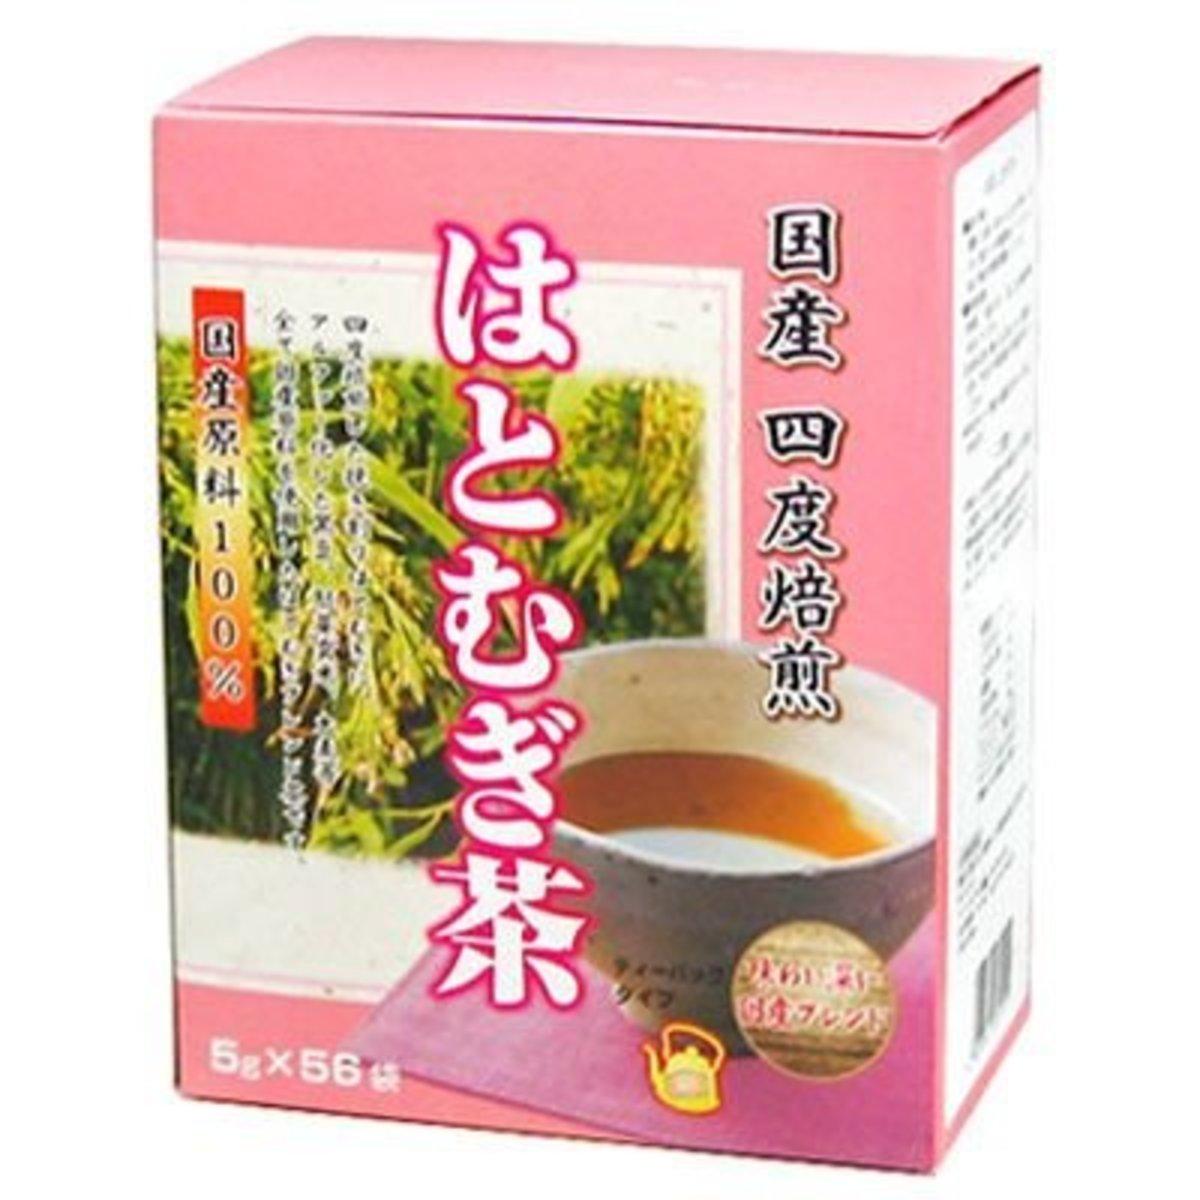 日本版國產薏苡茶(56包)(131115)